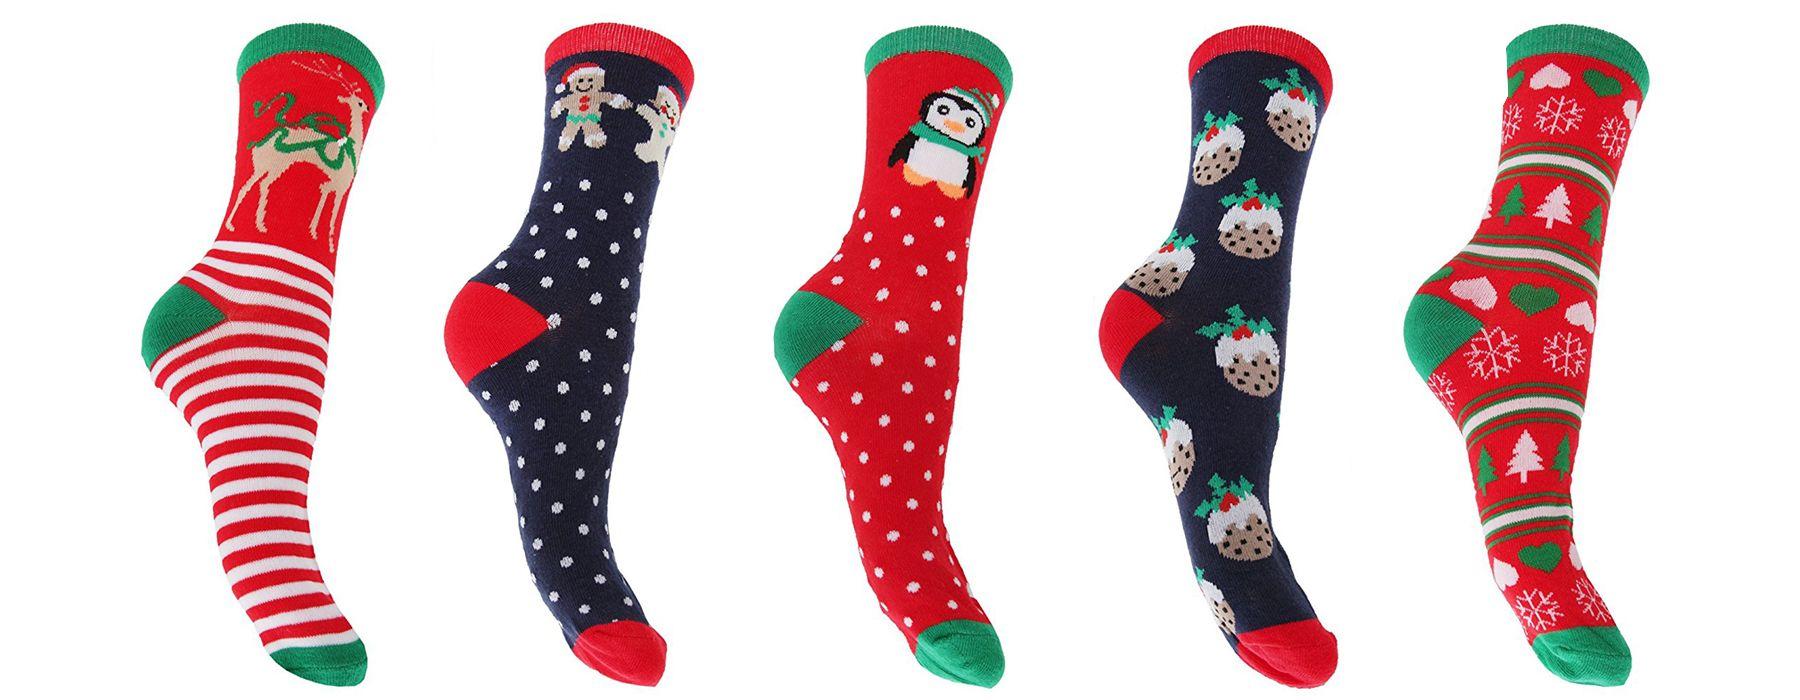 Calze e calzini natalizi: le proposte più simpatiche del momento